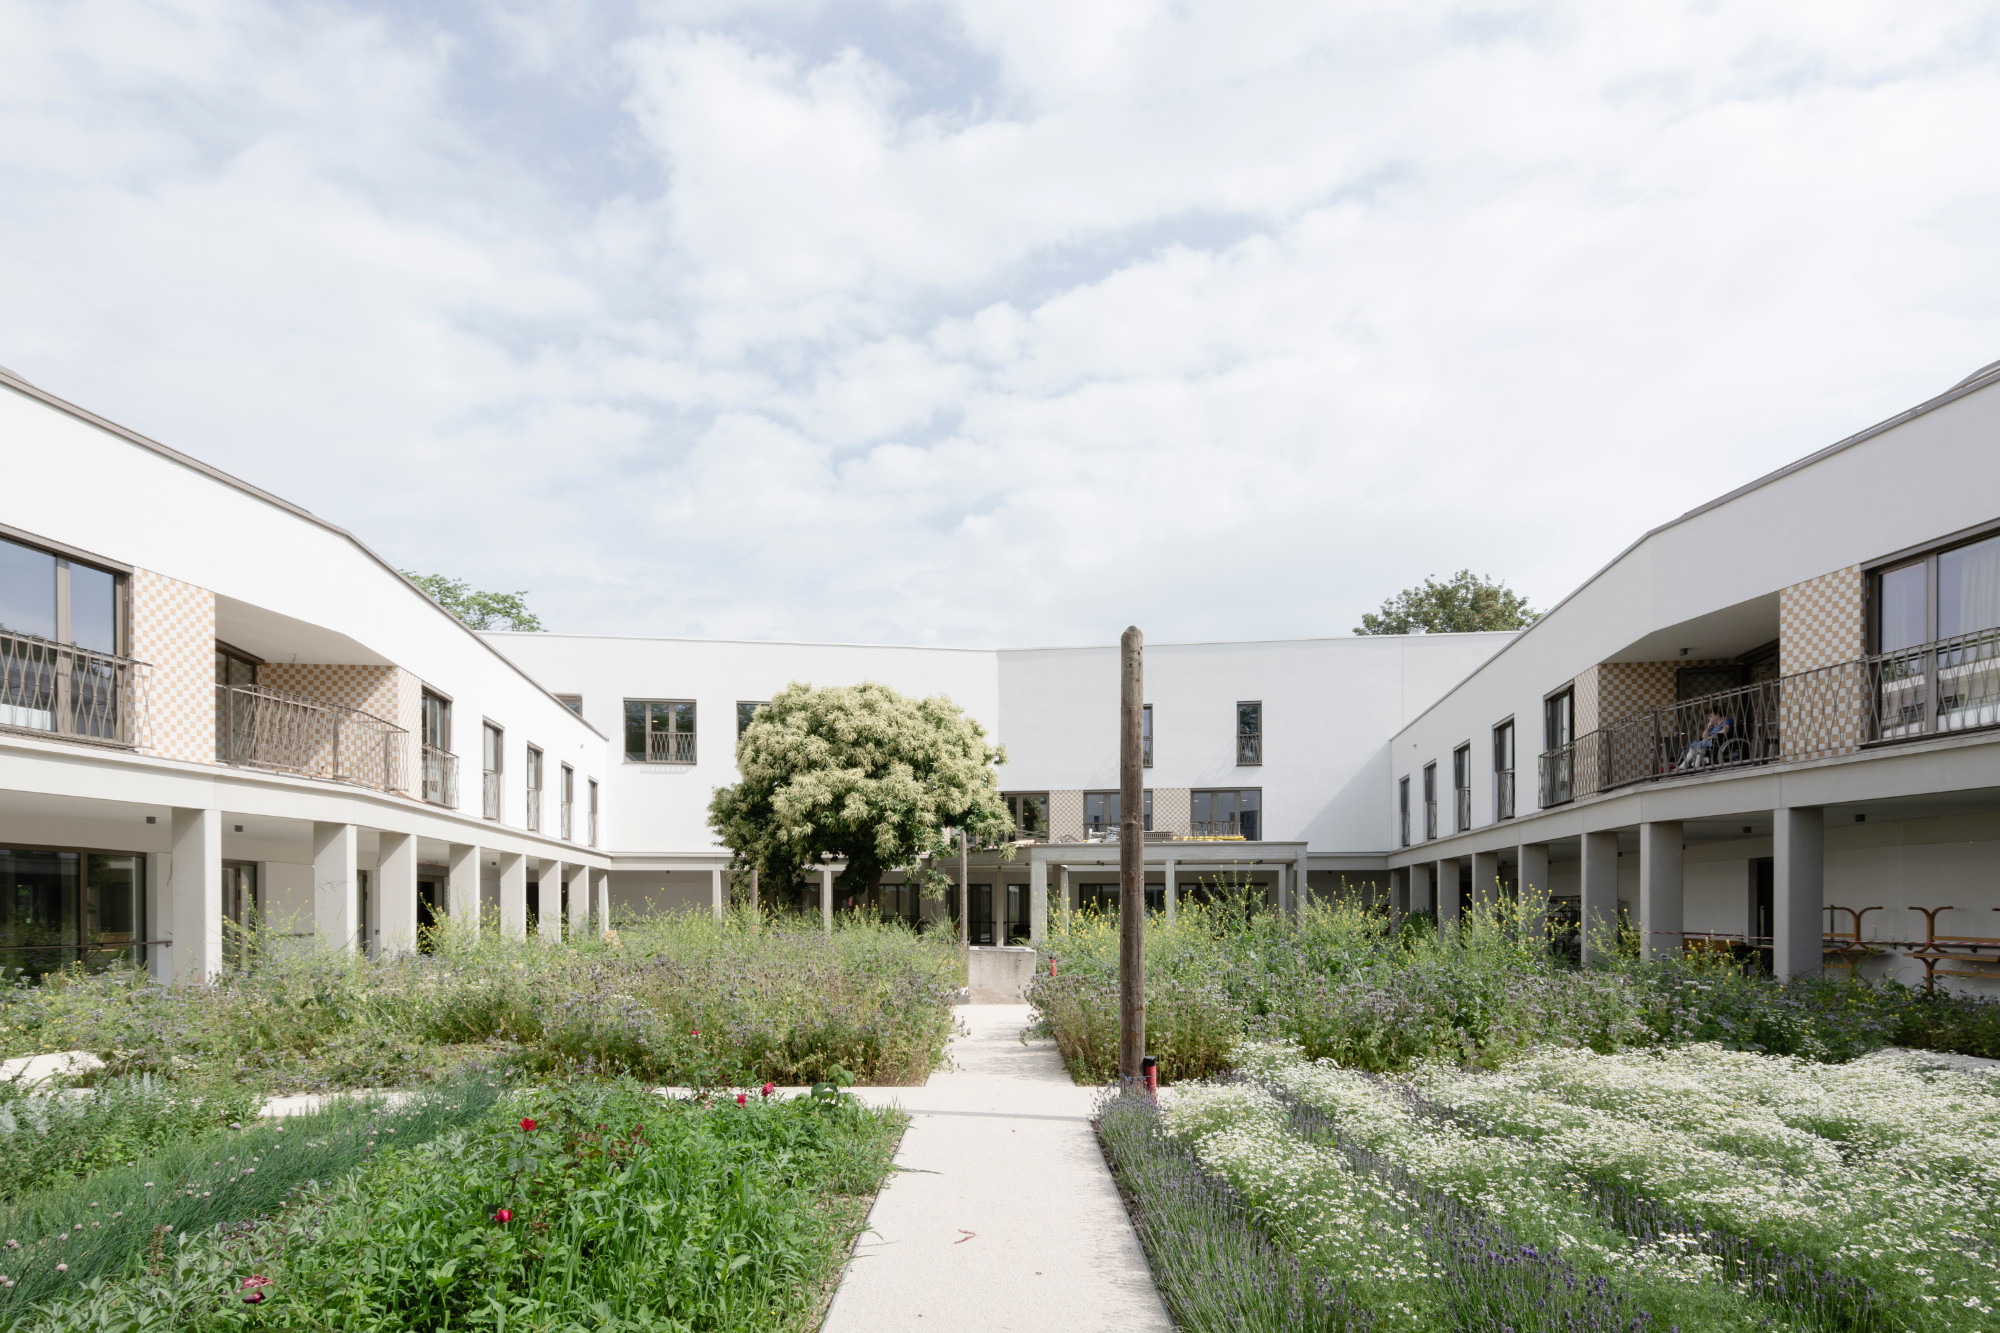 Woonzorgcentrum OCMW Parkhof Machelen door Korteknie Stuhlmacher Architecten, beeld Maurice Tjon a Tham